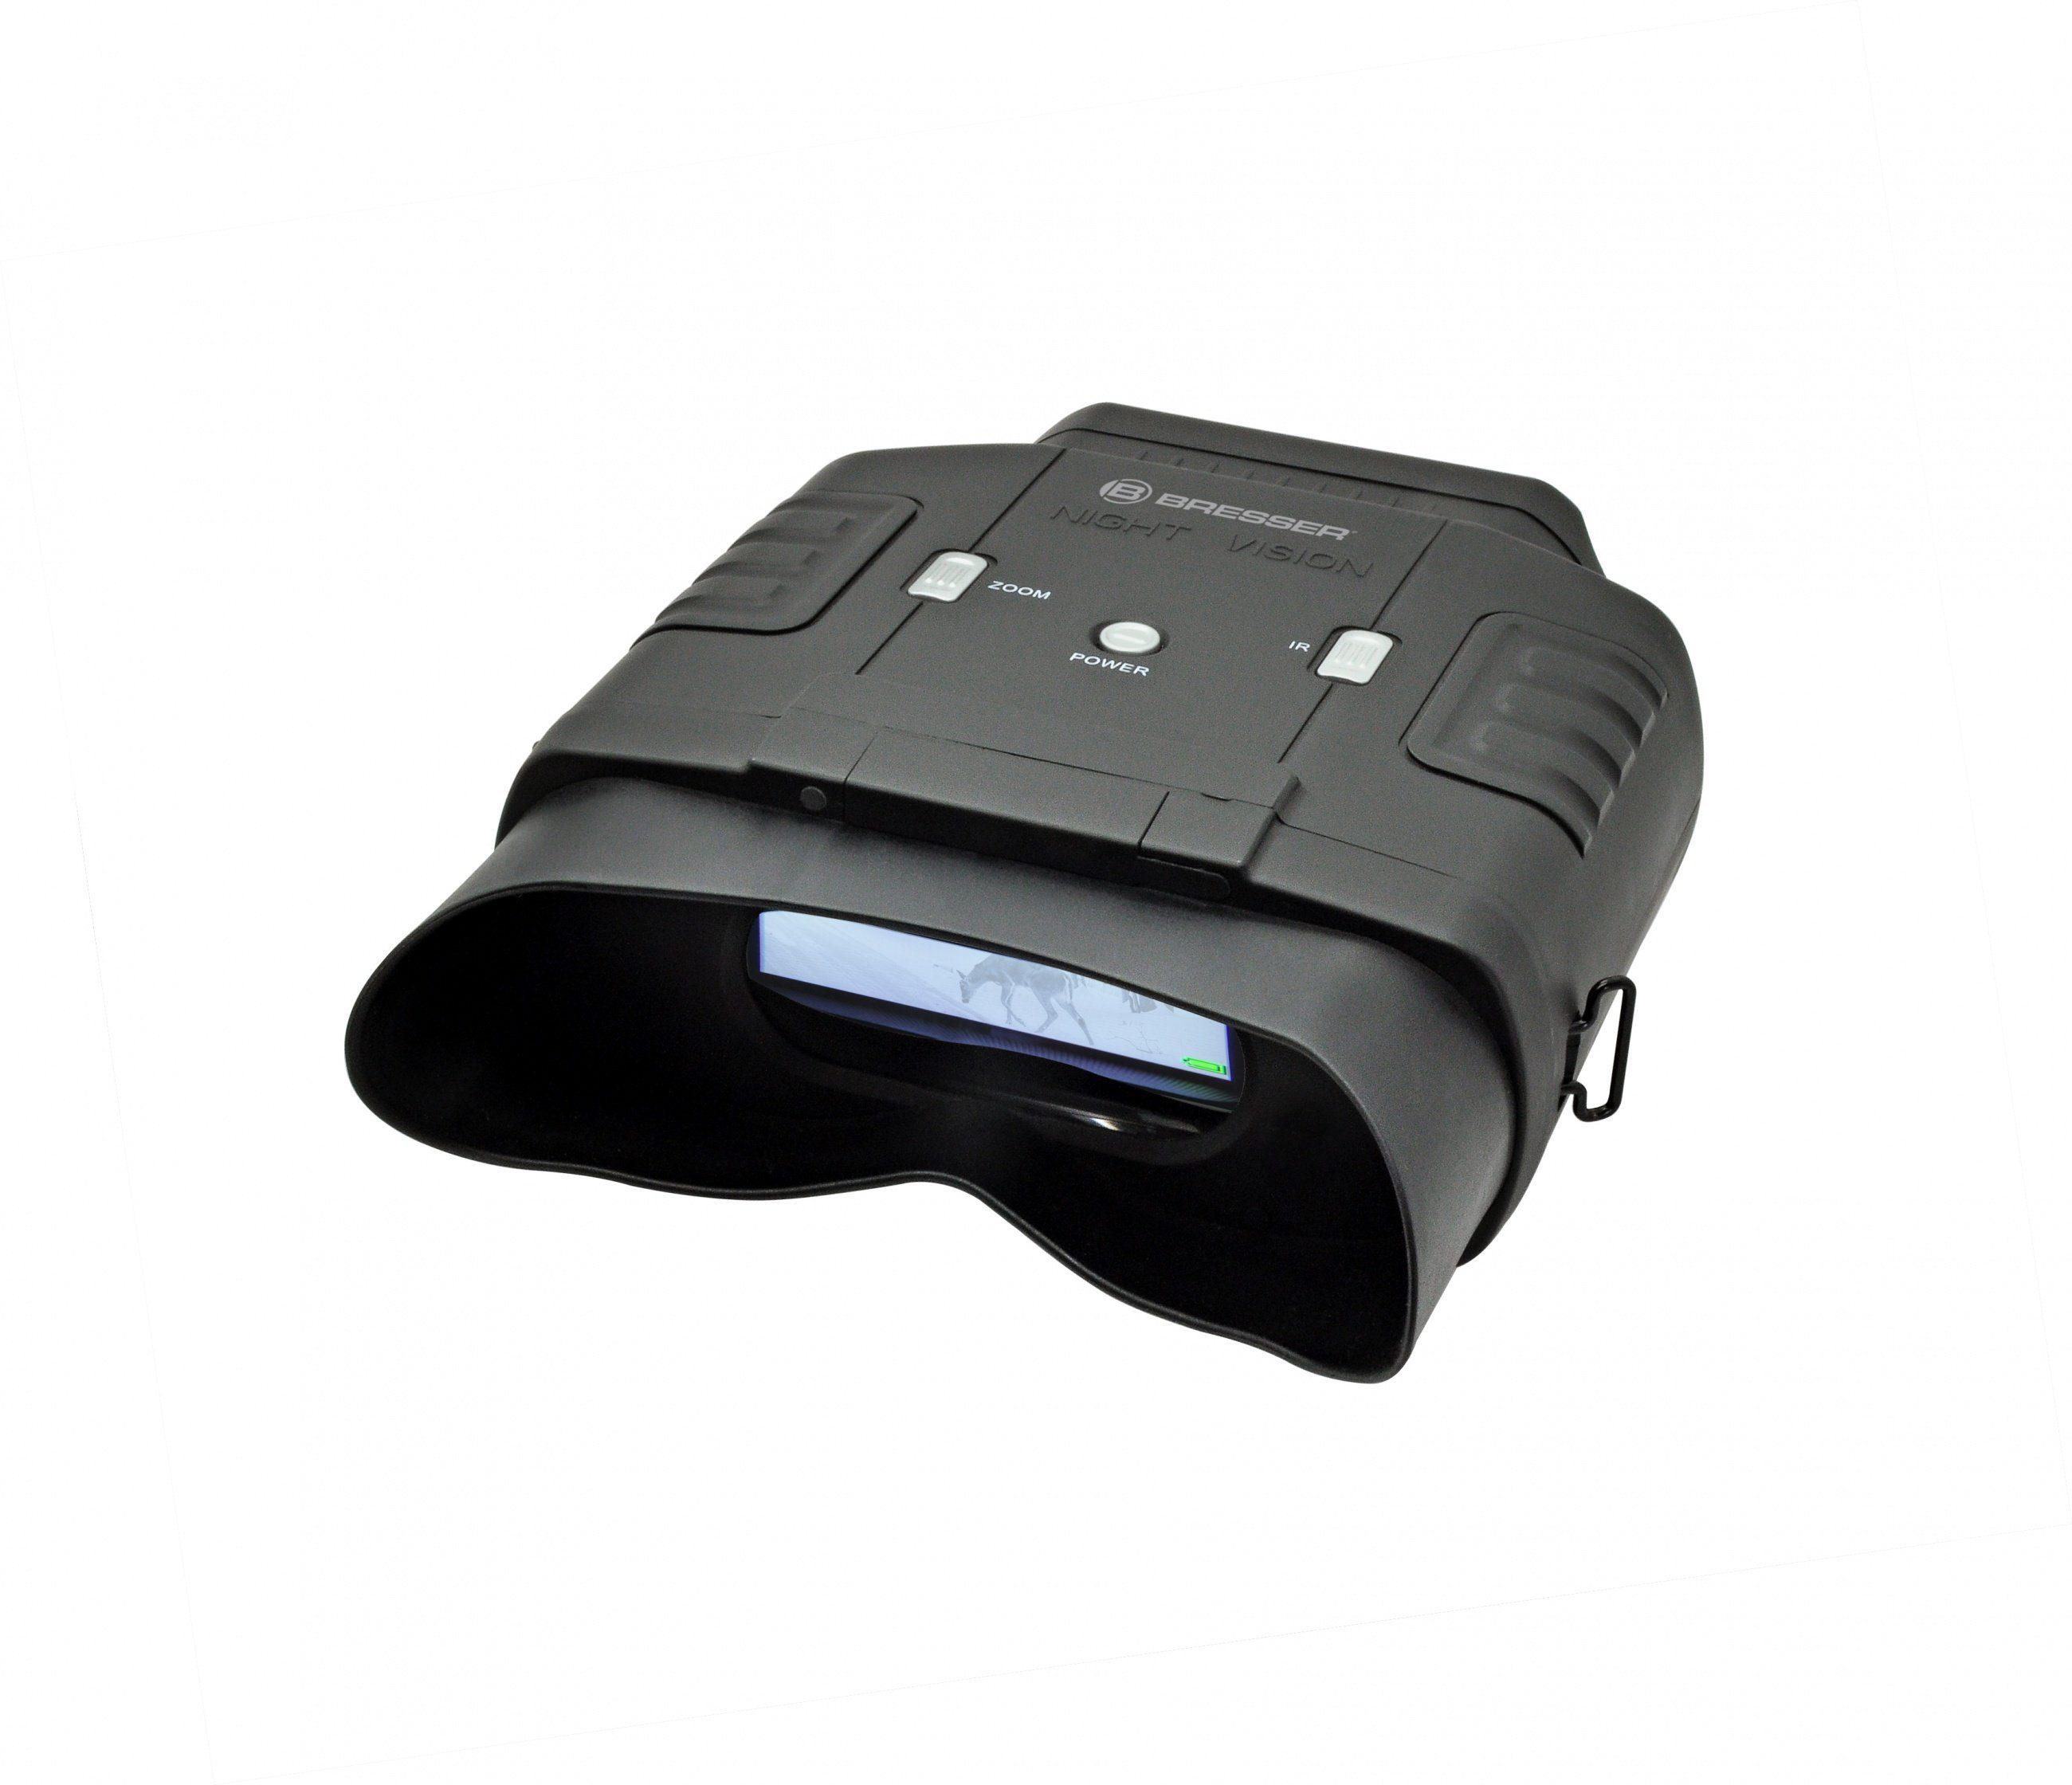 BRESSER Nachtsichtgerät »BRESSER Digitales Nachtsichtgerät Binokular 3x20«